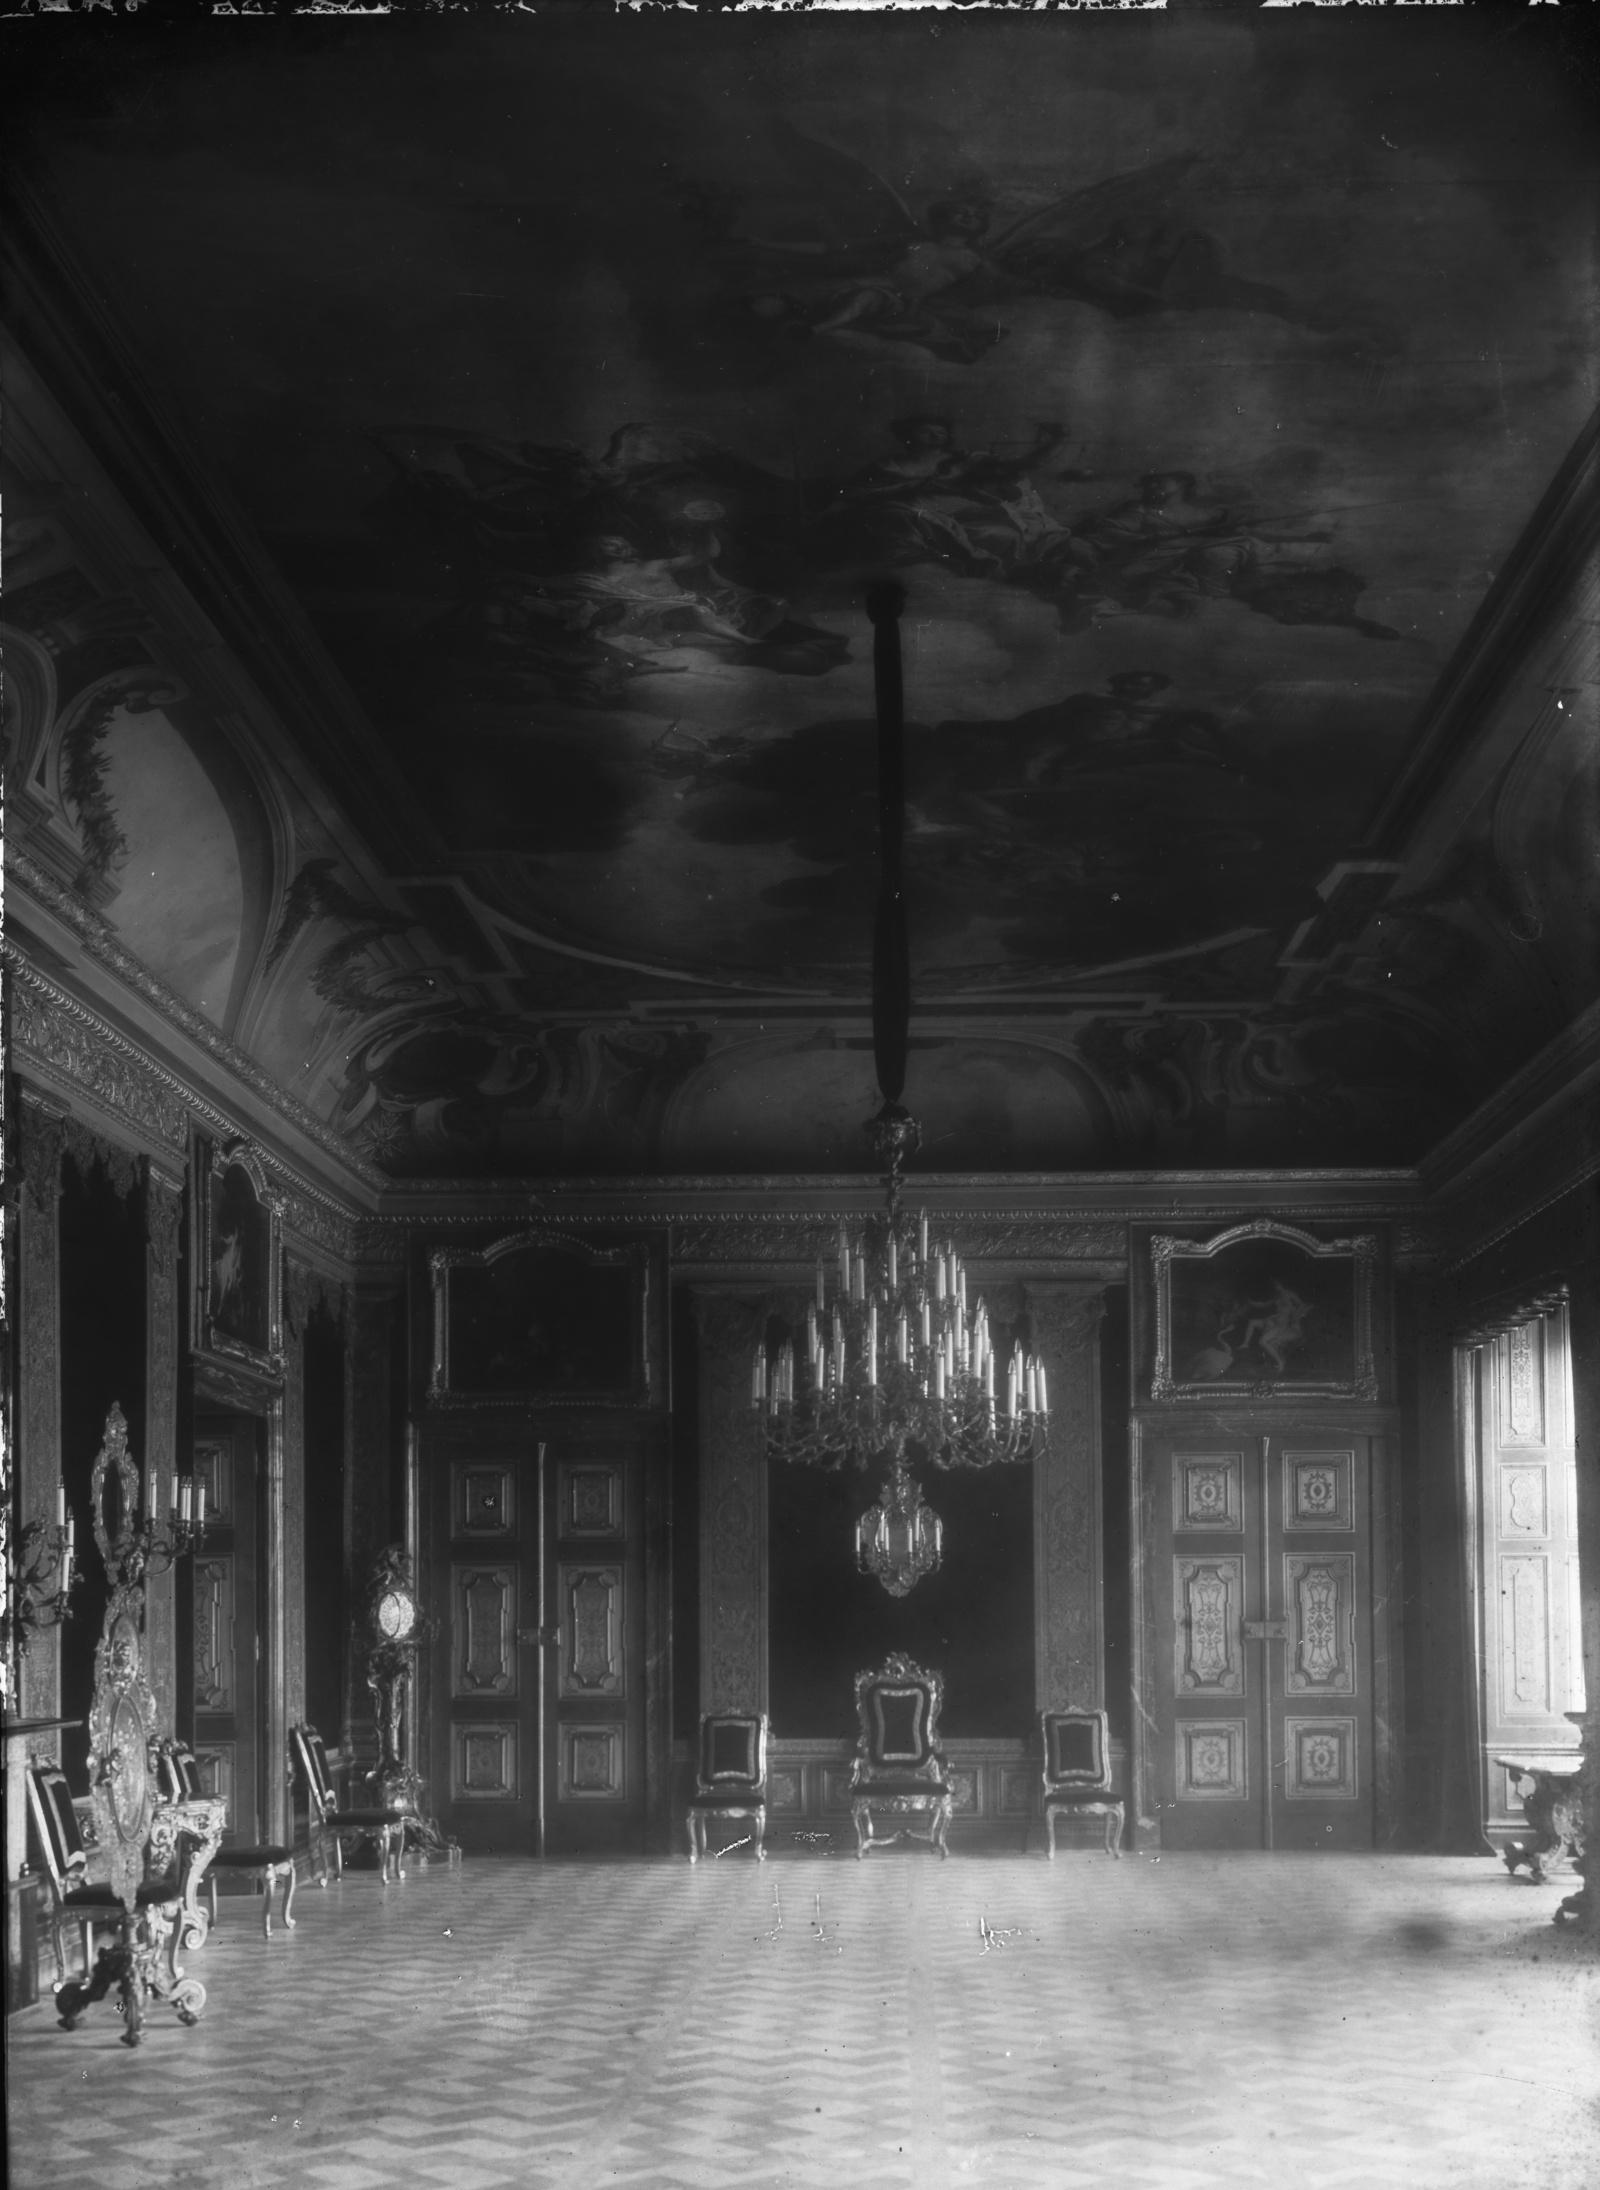 Westflügel, Audienzgemach, Ansicht einer Schmalseite mit Thron, um 1920